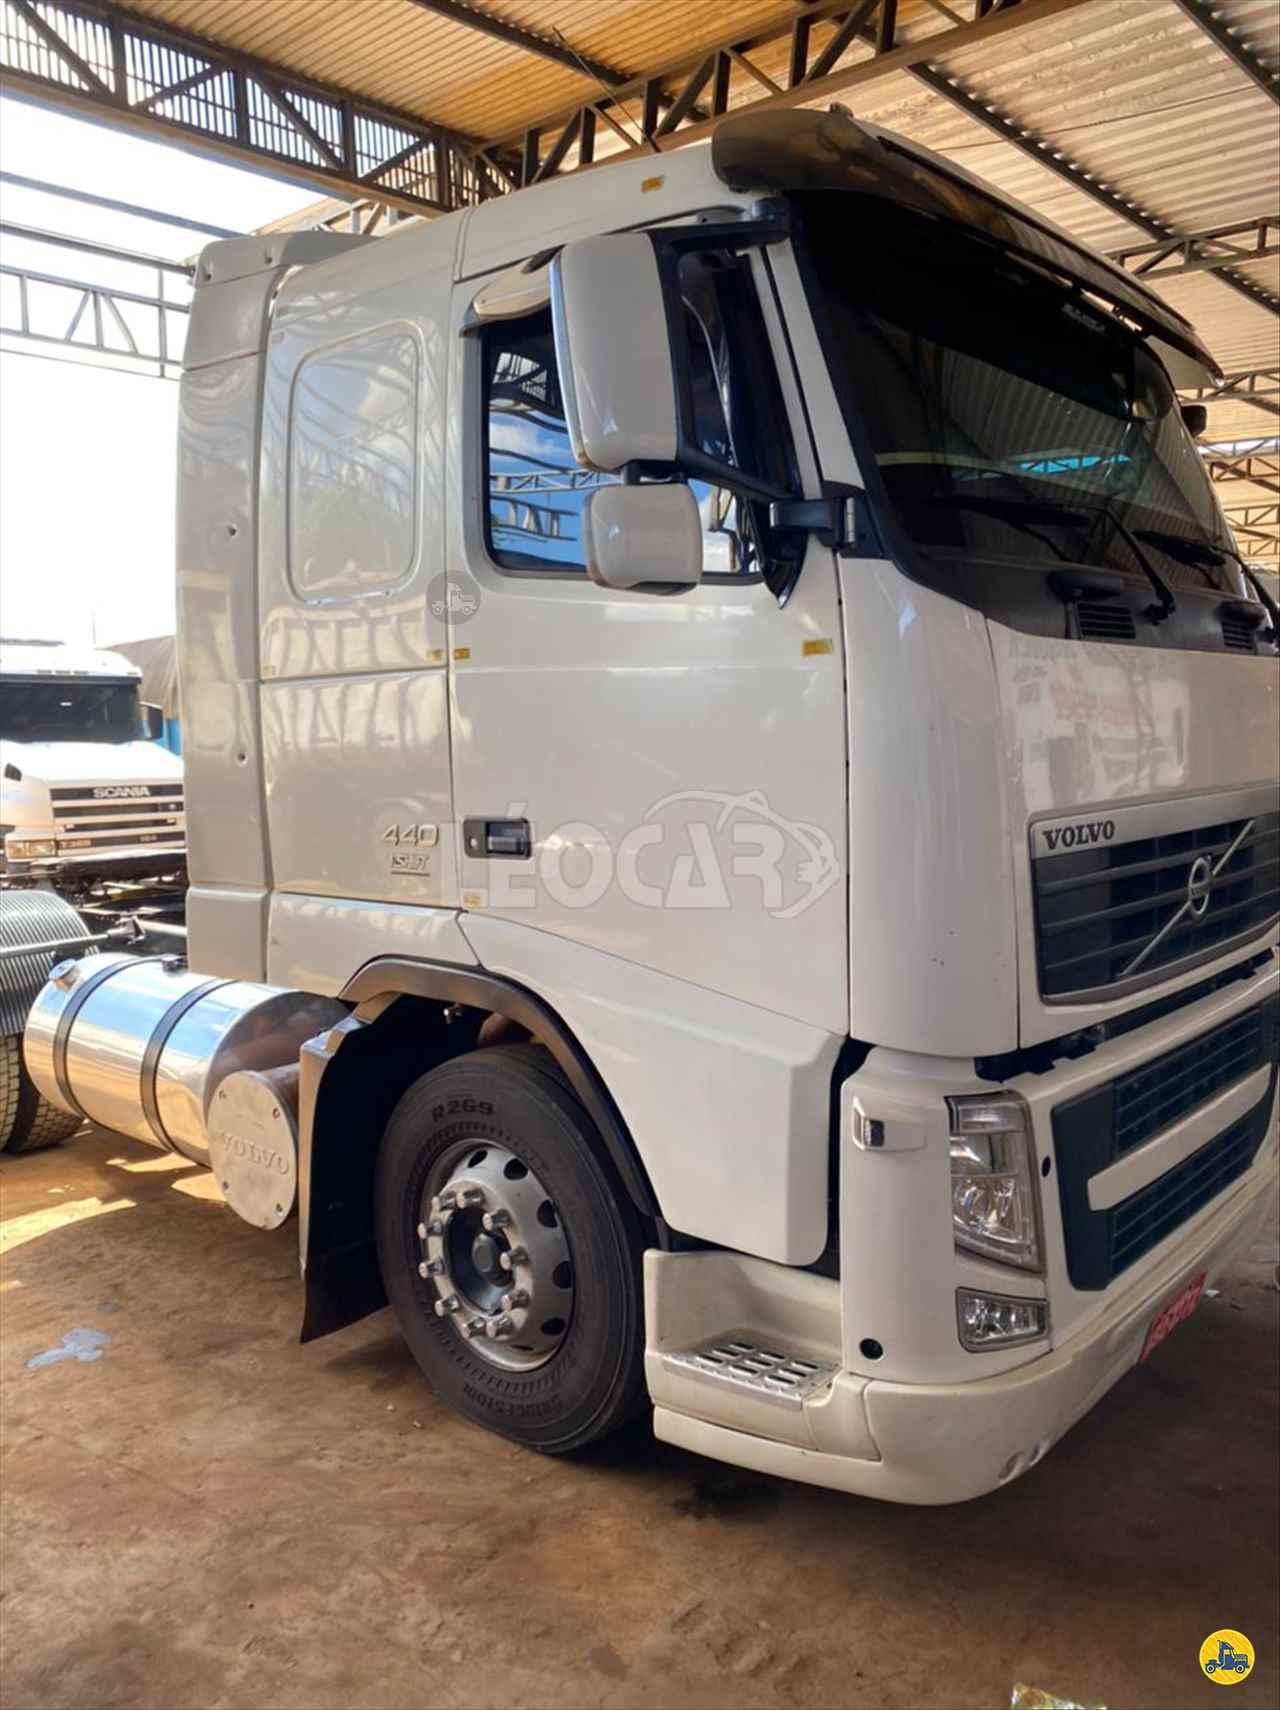 CAMINHAO VOLVO VOLVO FH 440 Cavalo Mecânico Truck 6x2 Leocar Caminhões PRIMAVERA DO LESTE MATO GROSSO MT